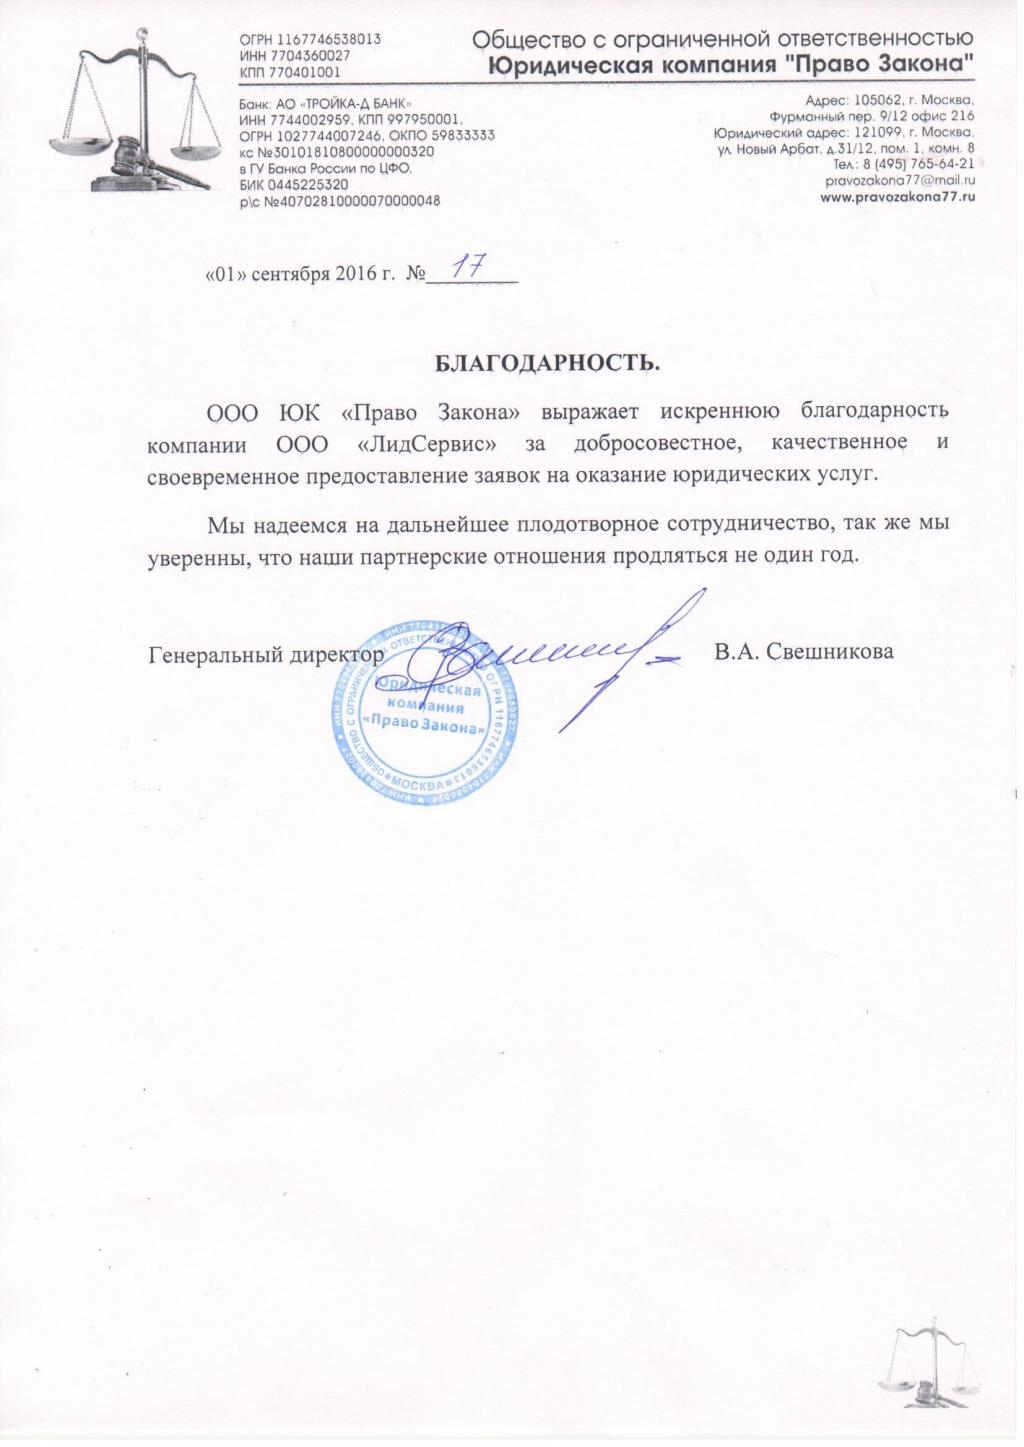 """Лидсервис (lead-service.ru) - Общество с ограниченной ответственностью юридическая компания """"Право З"""